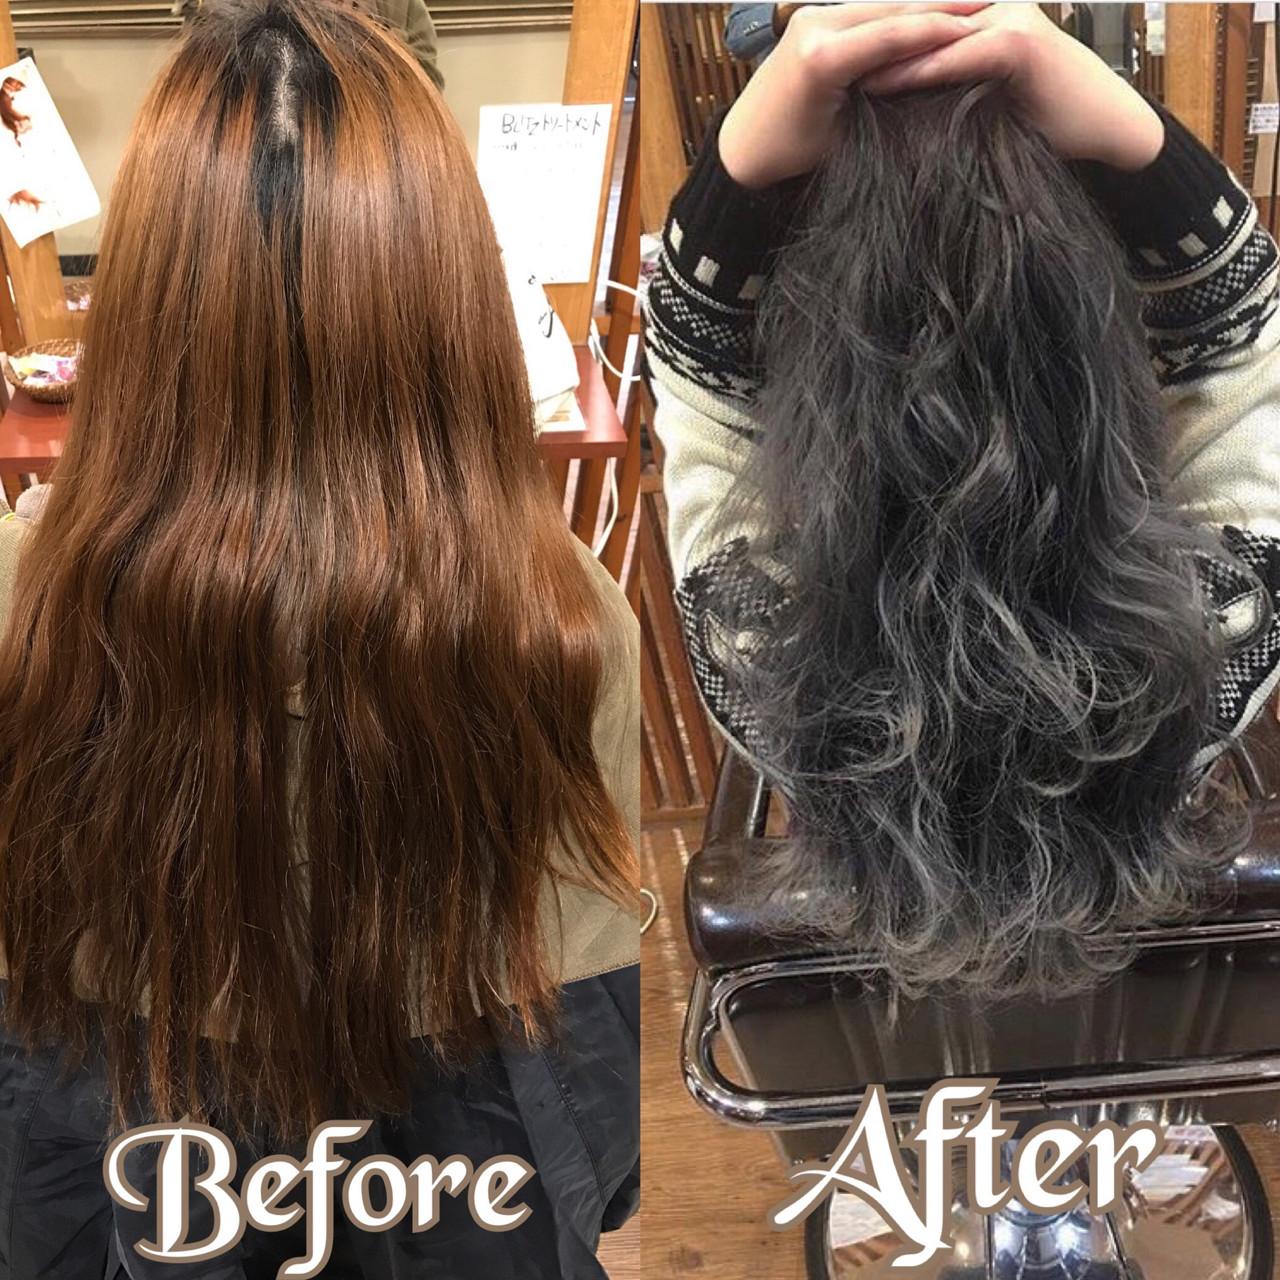 ロング 上品 グレージュ ハイライト ヘアスタイルや髪型の写真・画像 | デザインカラー講師 REOMA / BLITZ R-EVOLUT